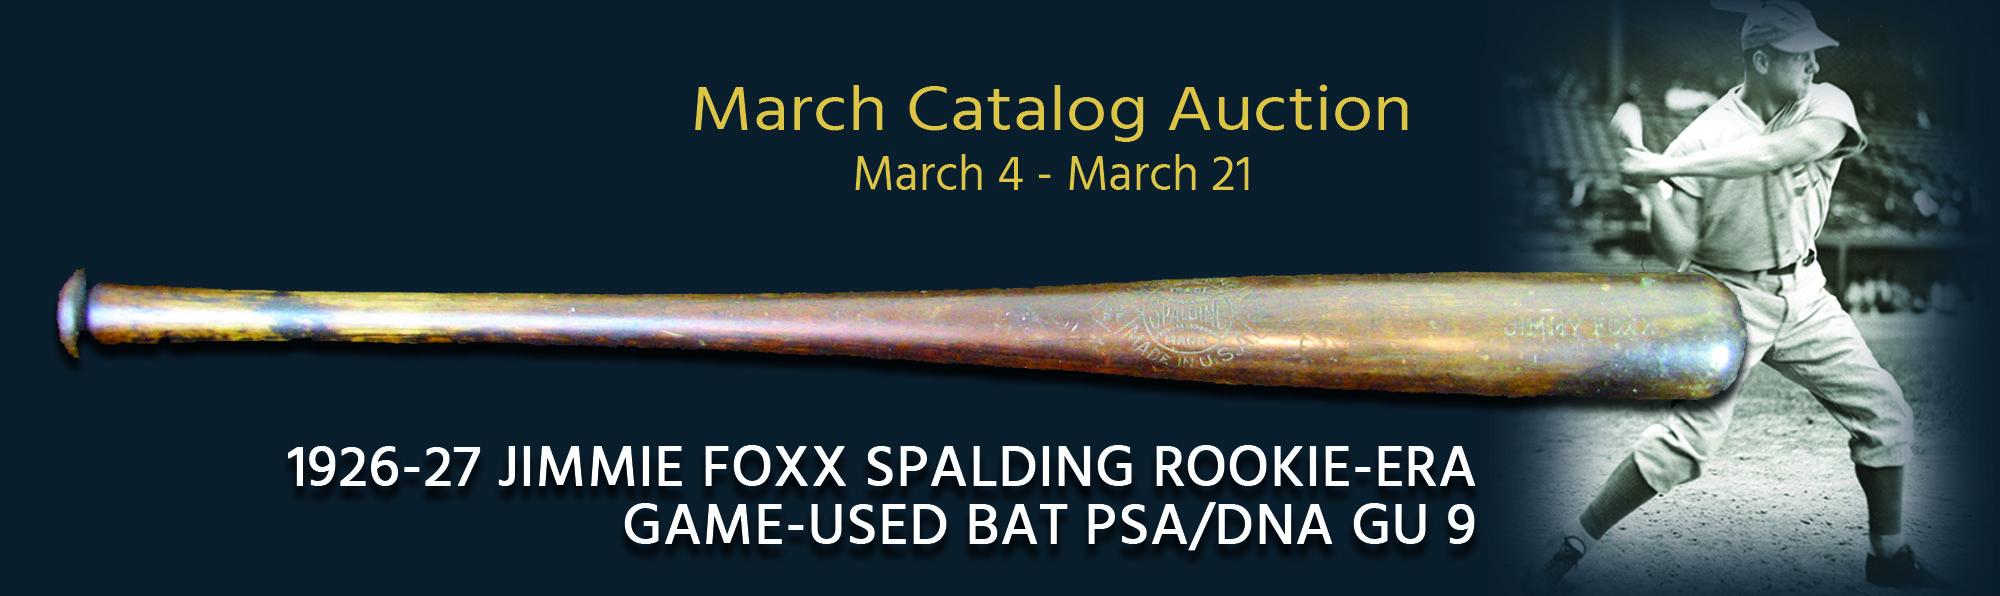 1926-27 Jimmie Foxx Spalding Rookie-era Game-used Bat PSA/DNA GU 9